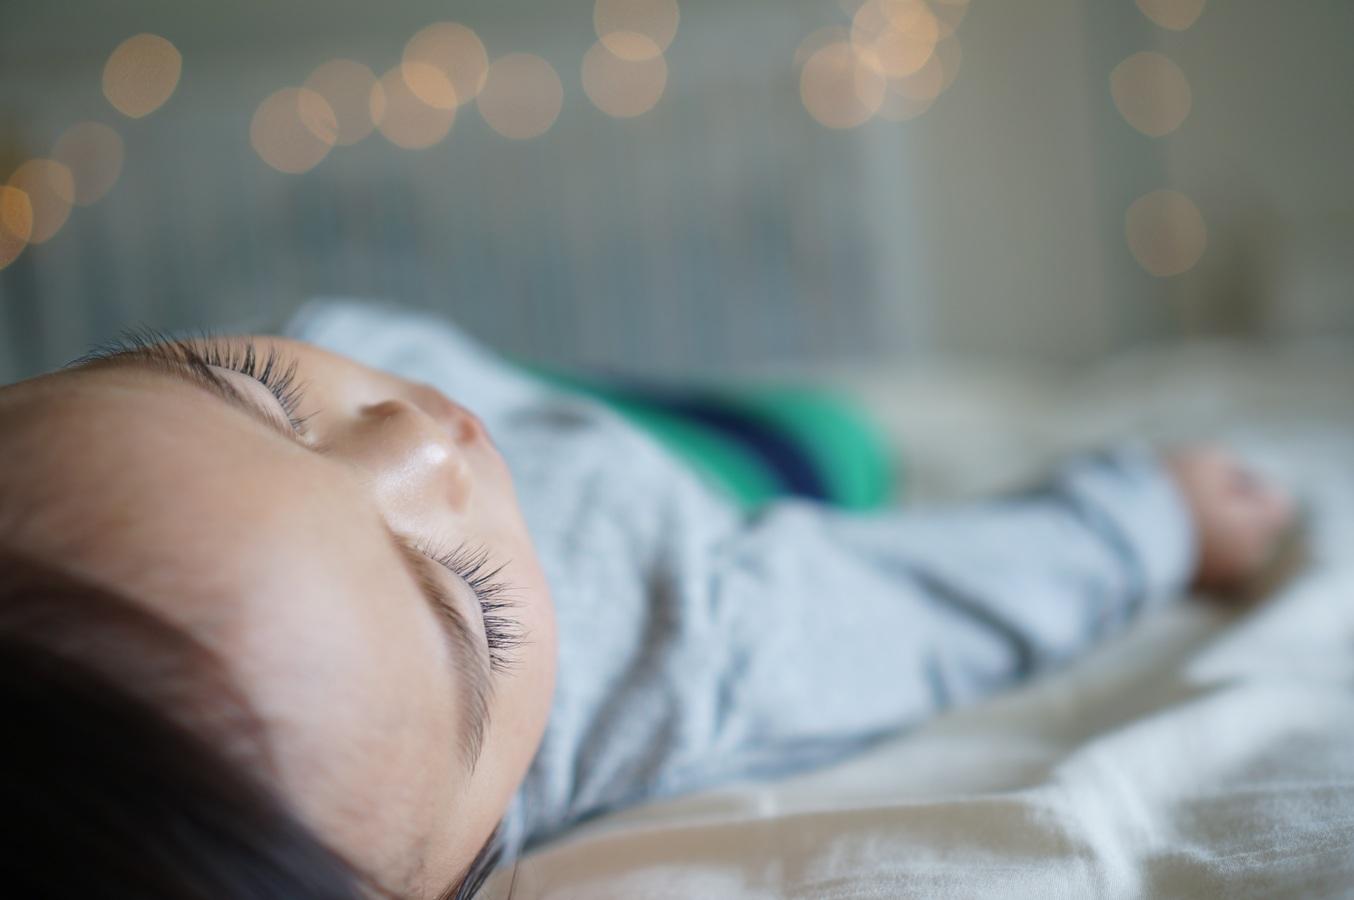 Jobb alvók azok a babák, akik korábban kapnak szilárd táplálékot